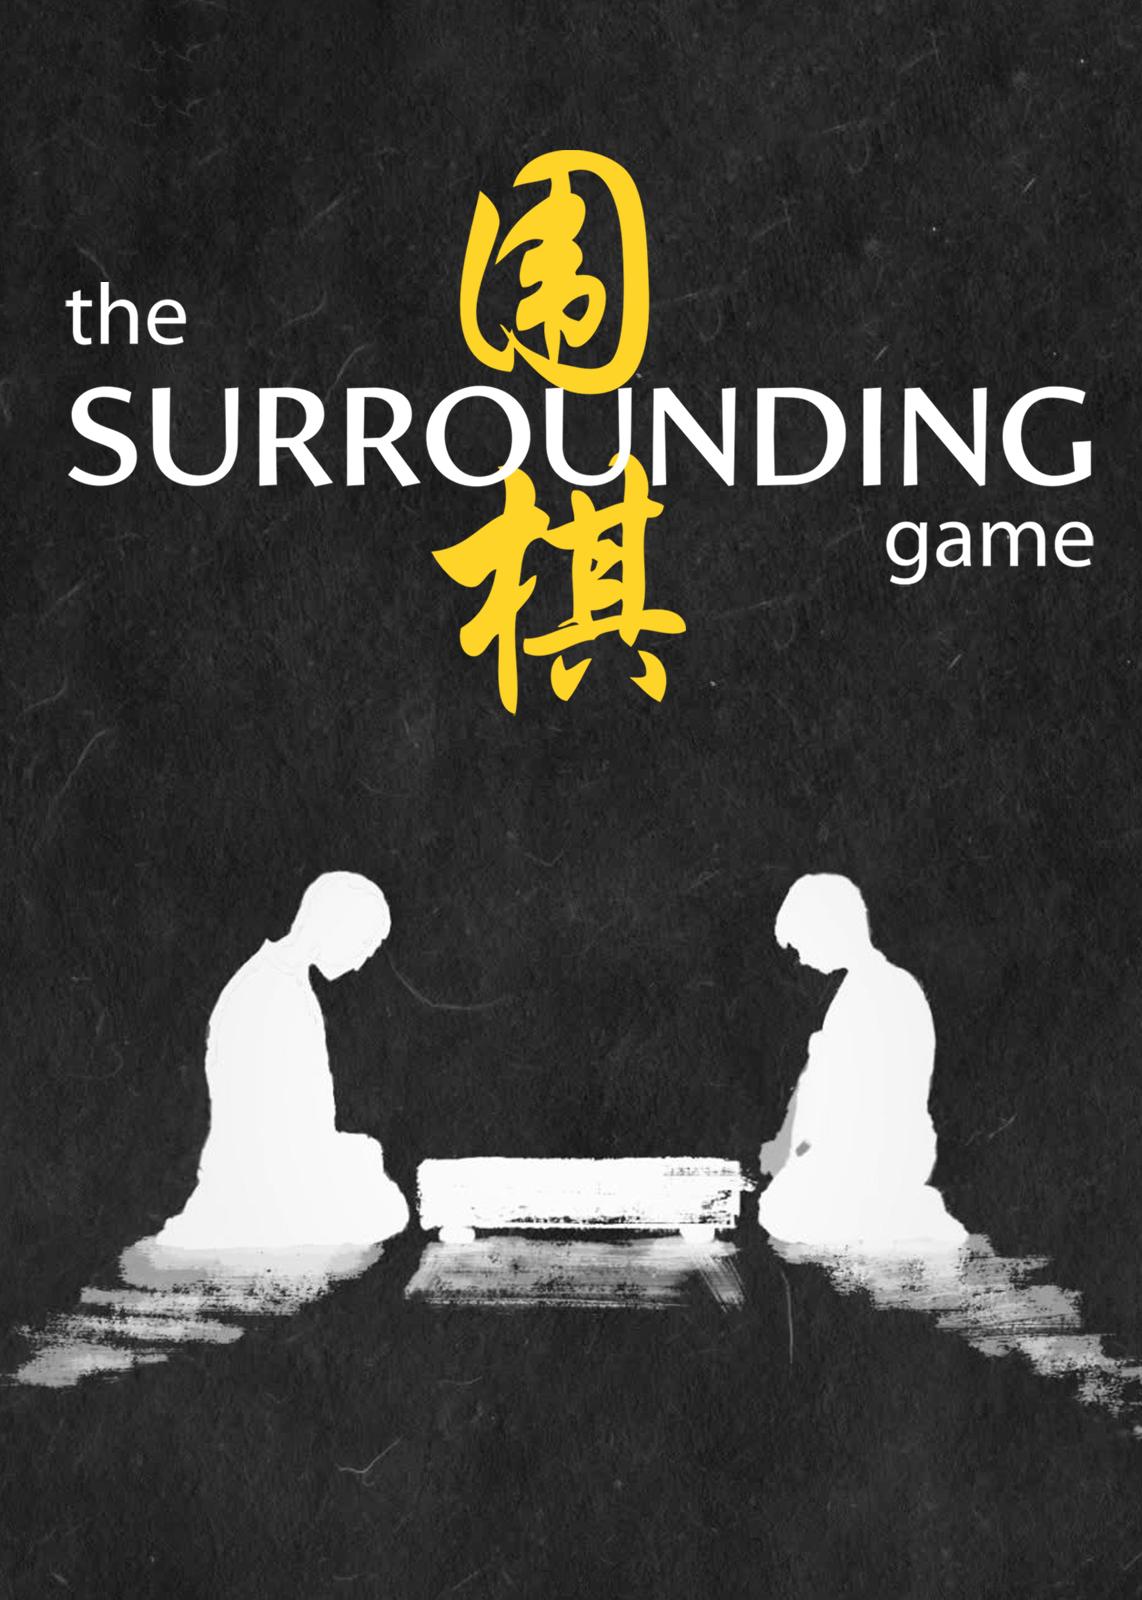 SURROUNDINGGAME_THE_AV9.jpg